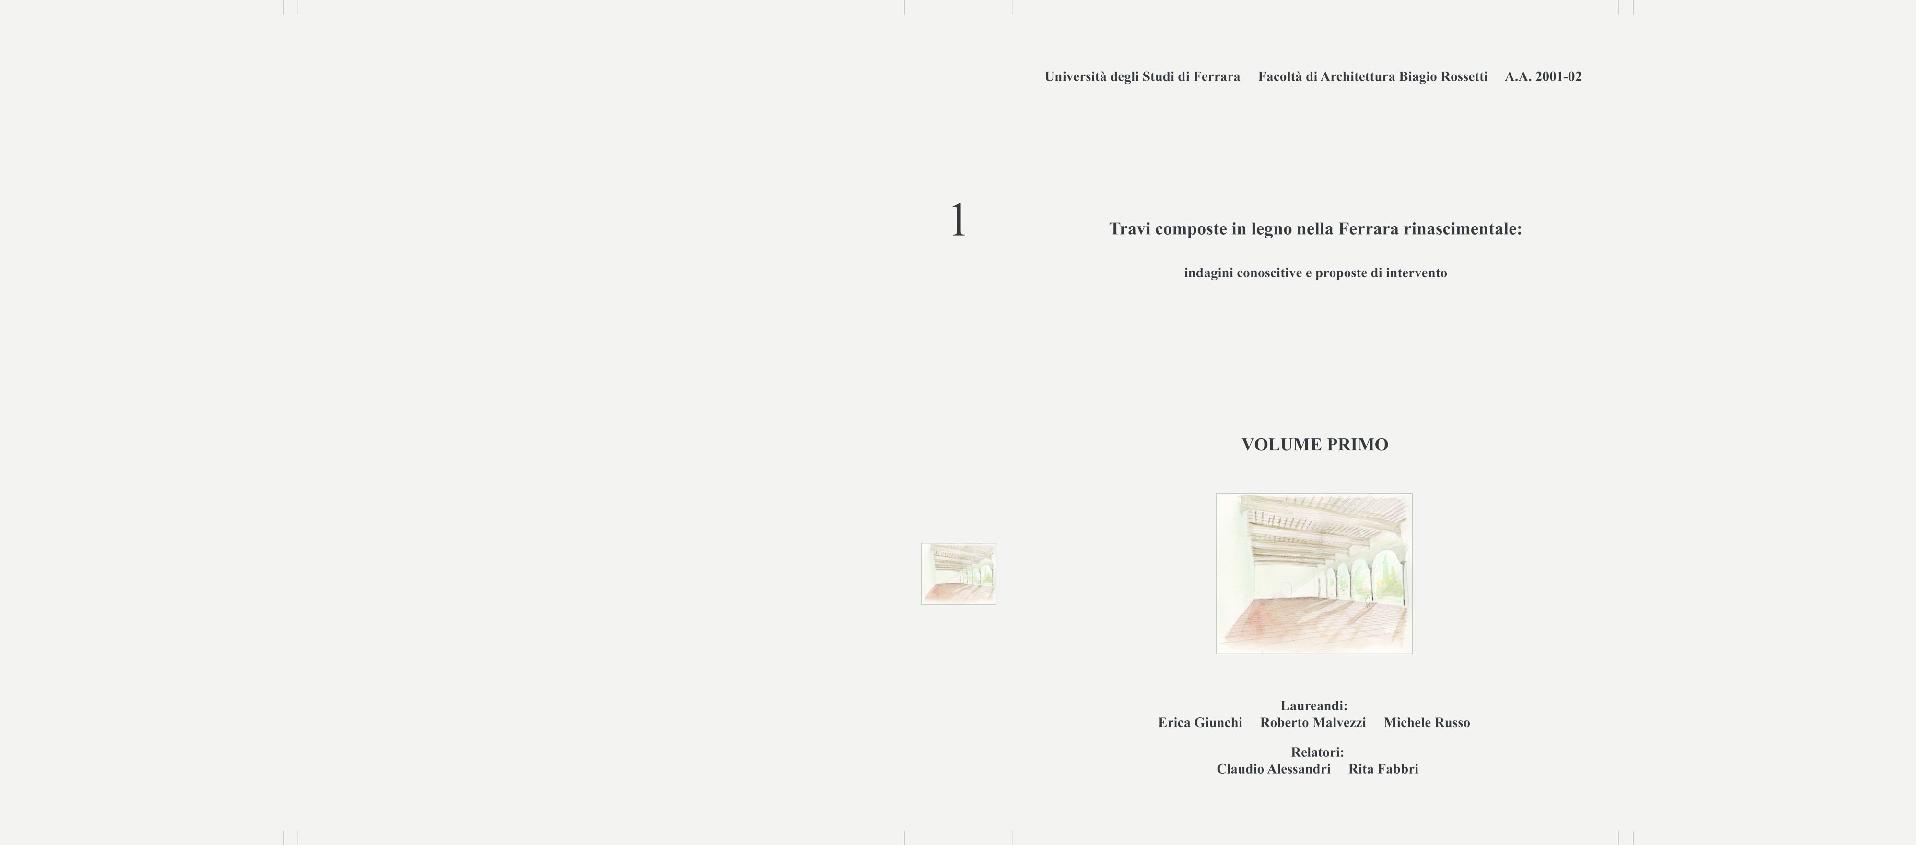 Dimensionamento Pergolato In Legno russo, m., 2002. travi composte nella ferrara rinascimentale